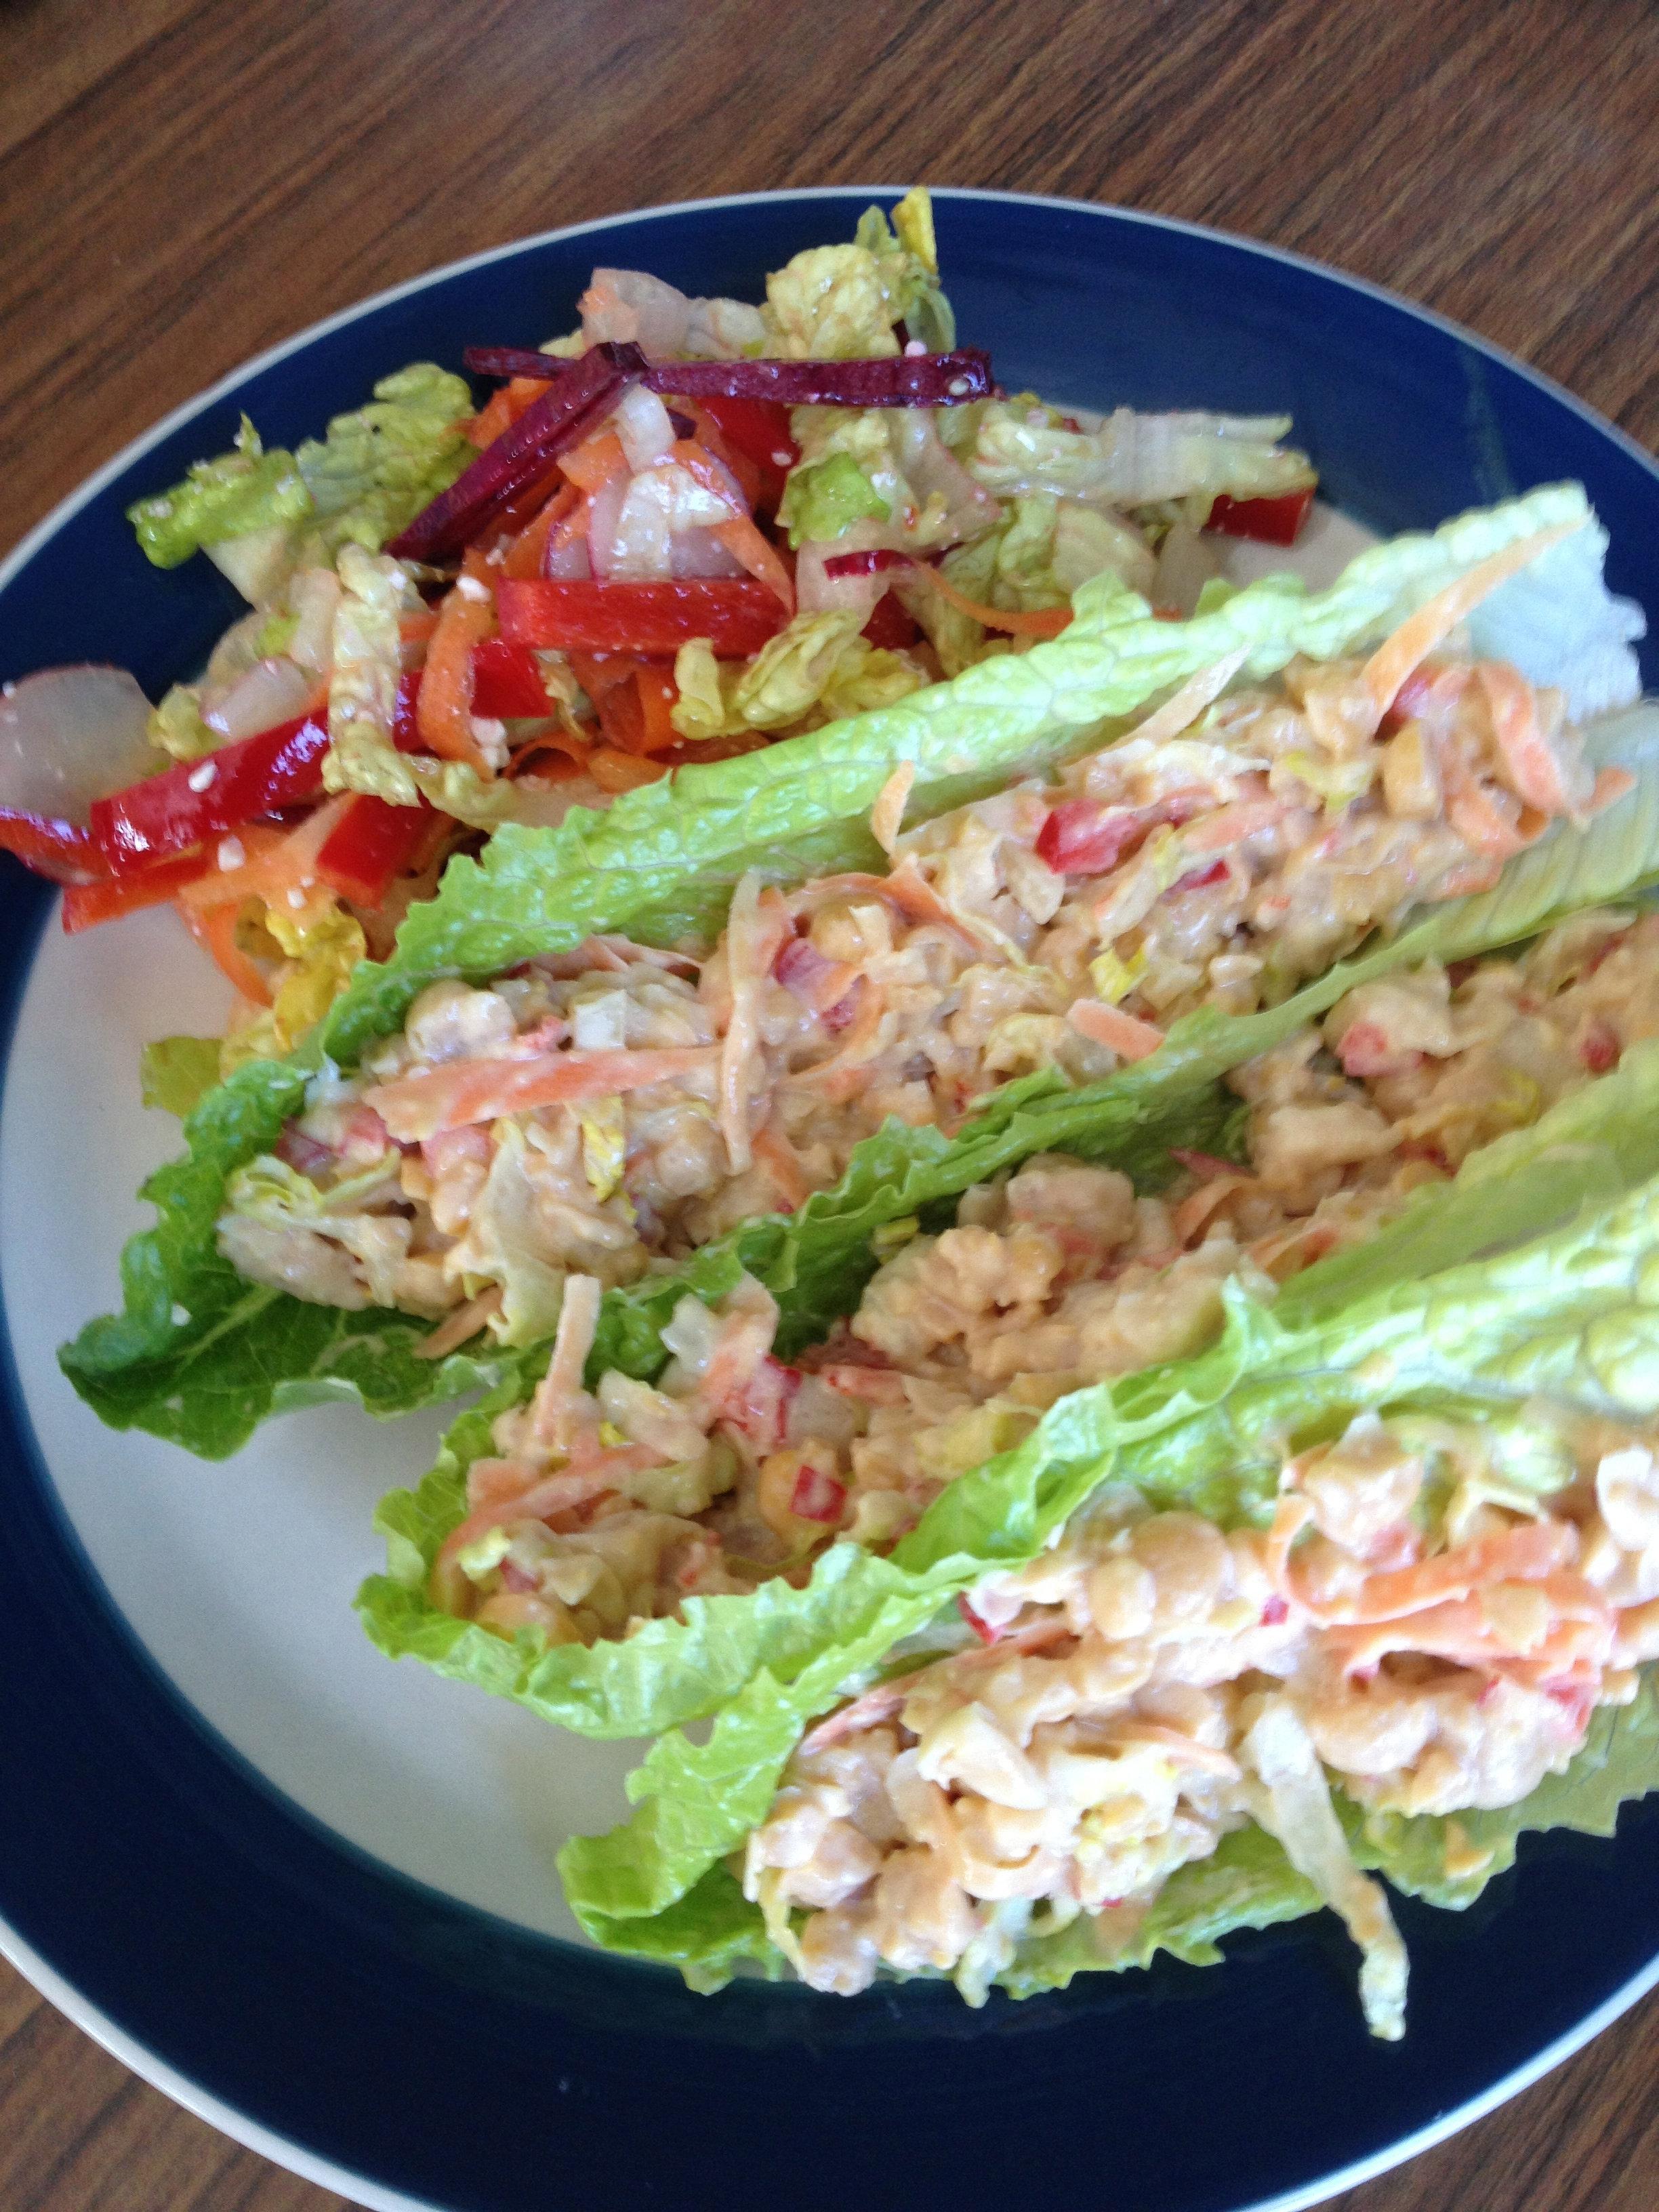 mymommas | mock tuna salad